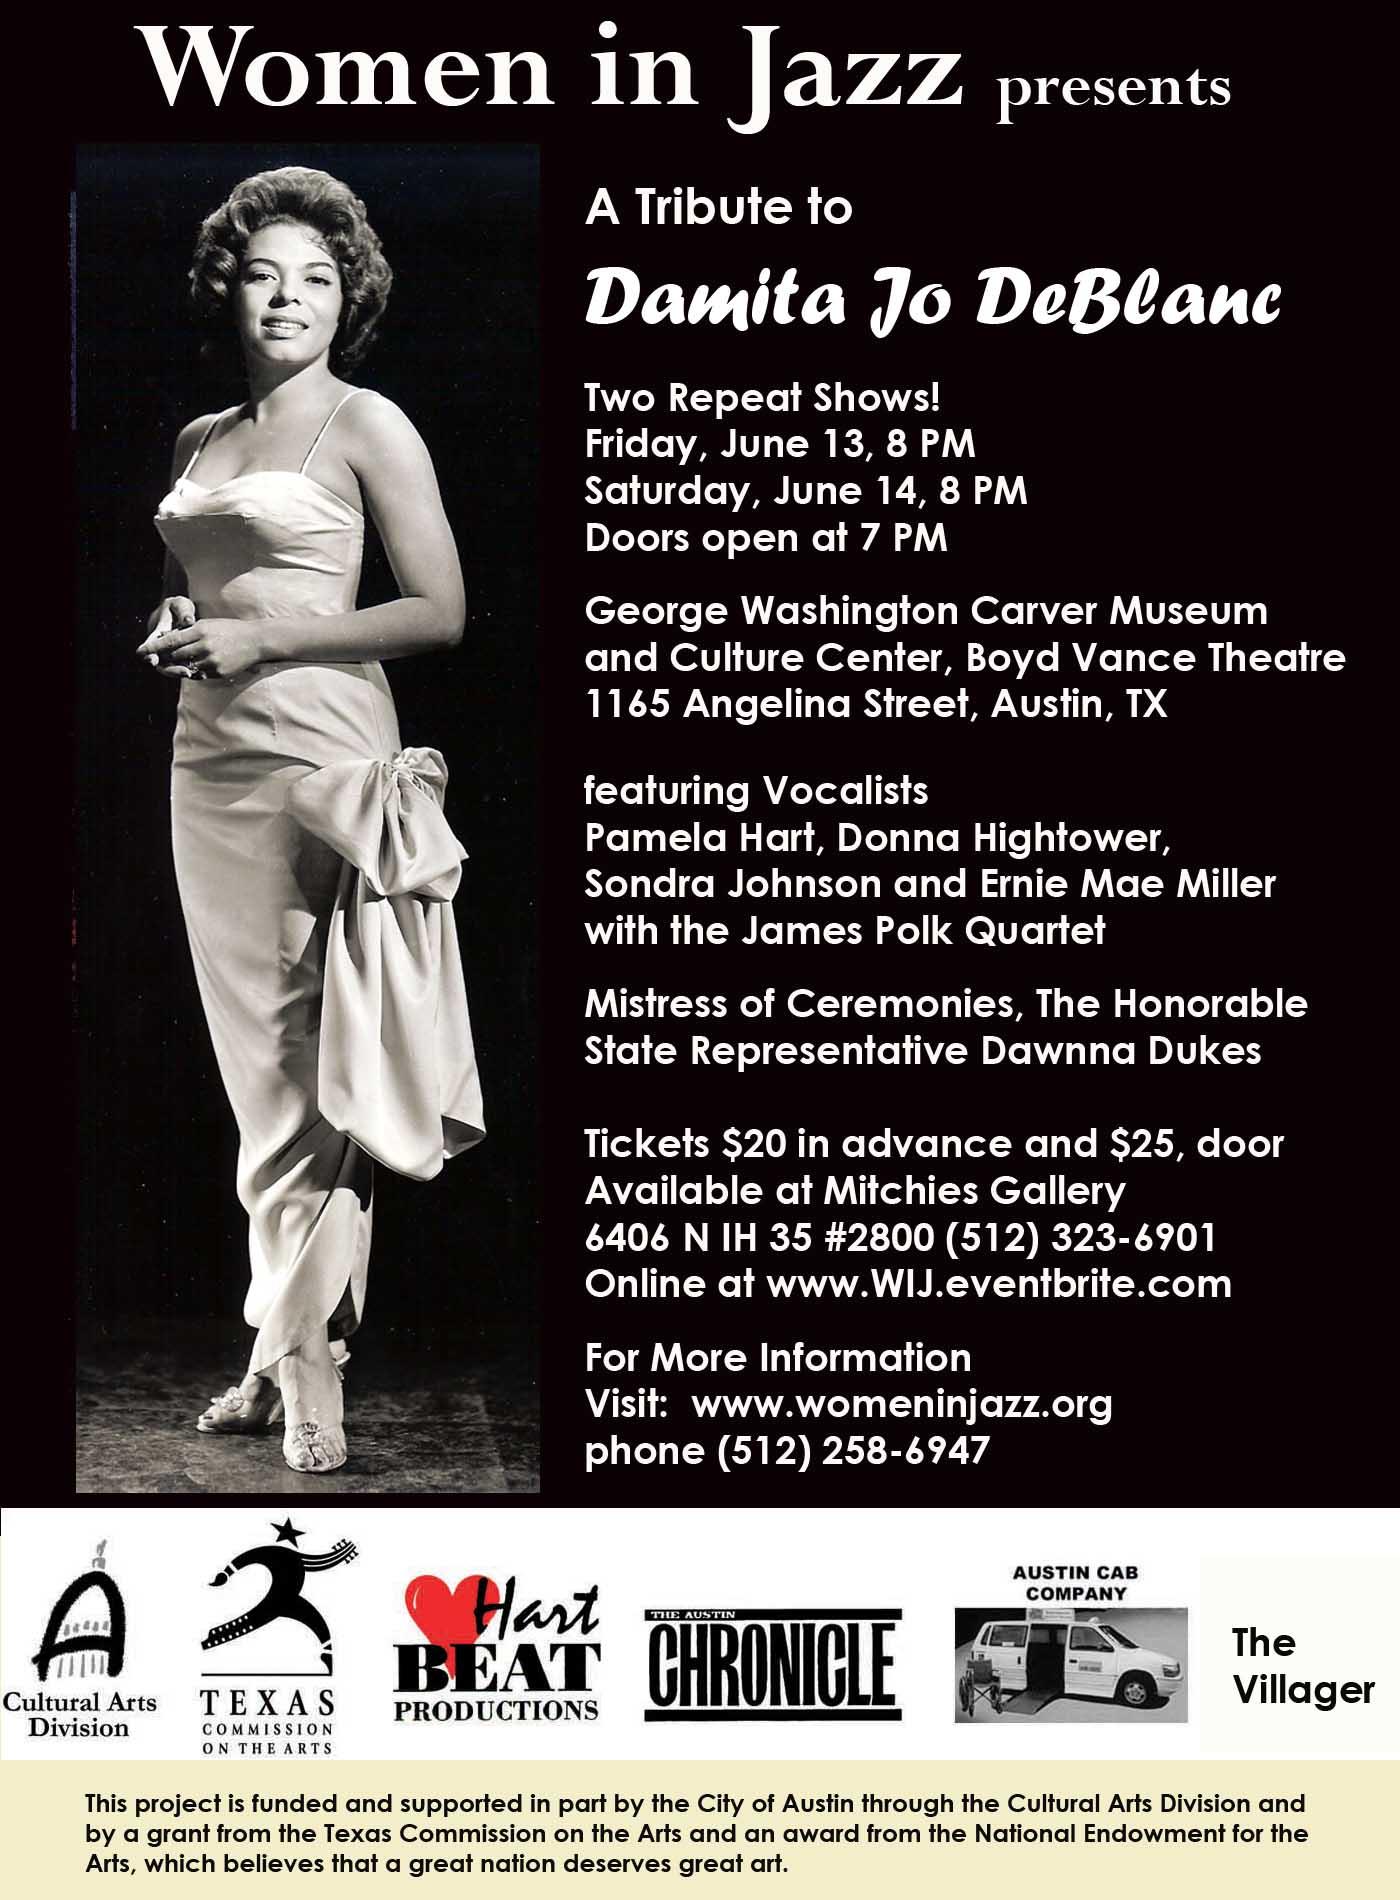 Tribute to Damita Jo DeBlanc